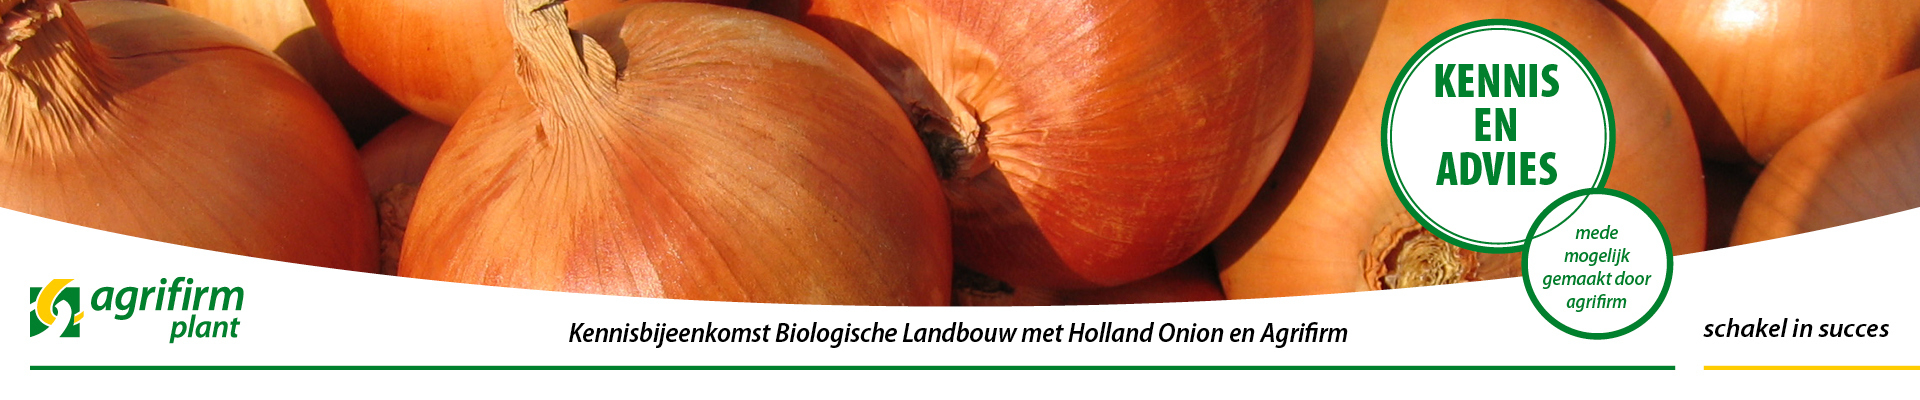 Kennisbijeenkomst Biologische Landbouw met Holland Onion